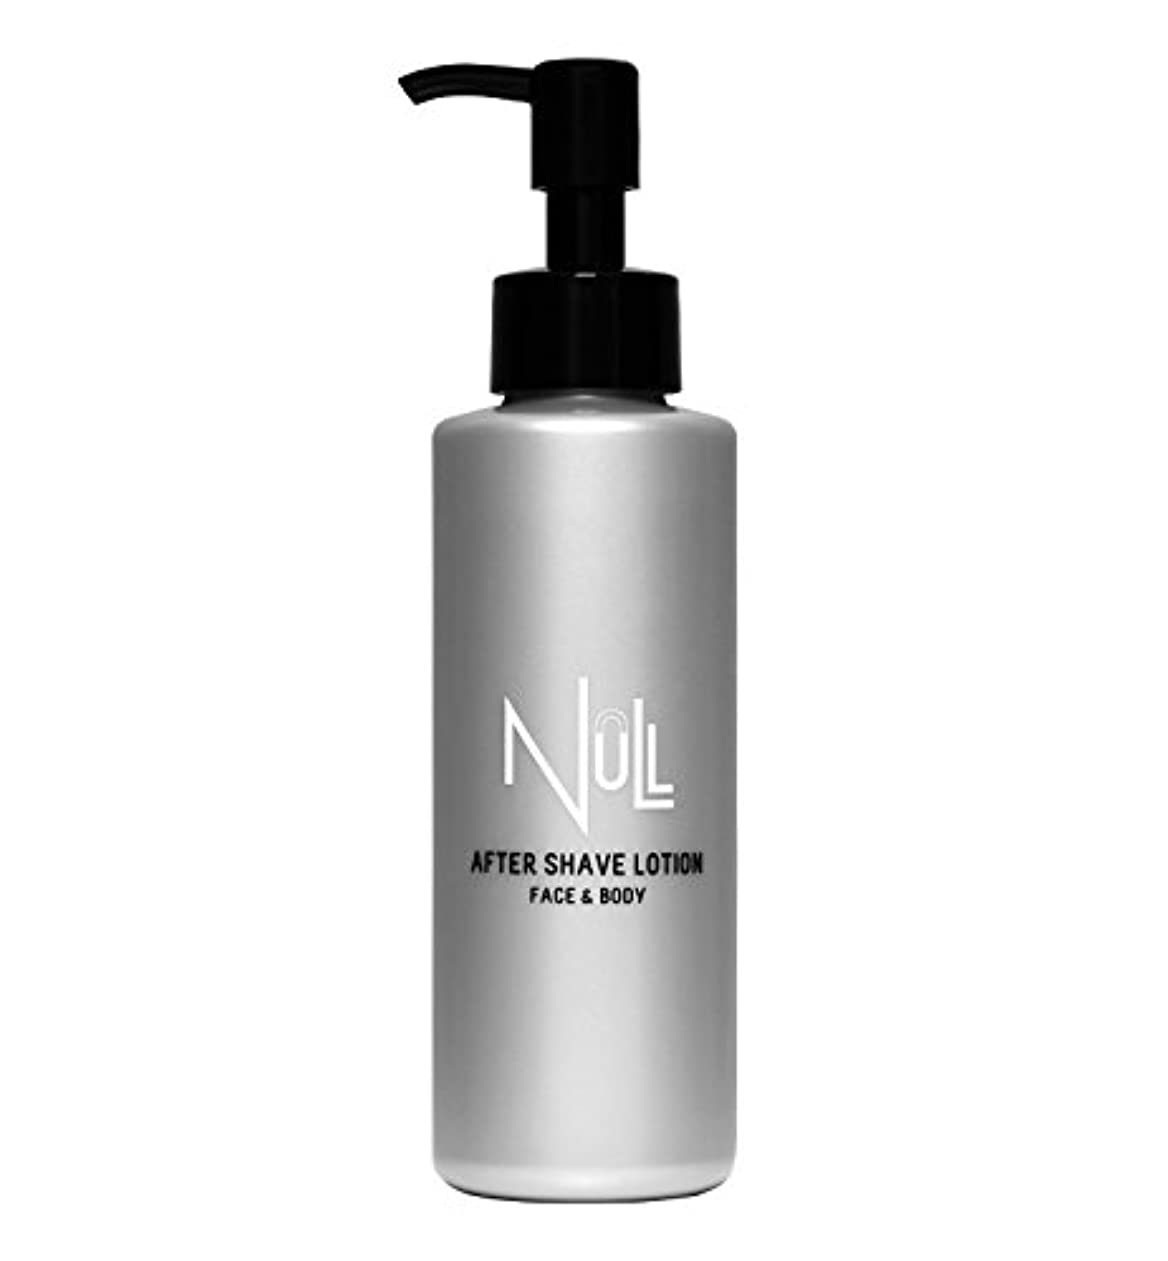 ソビエトめんどり舞い上がるNULL アフターシェーブローション 化粧水 メンズ 150ml メンズ (除毛 ヒゲ剃り のアフターケアに)